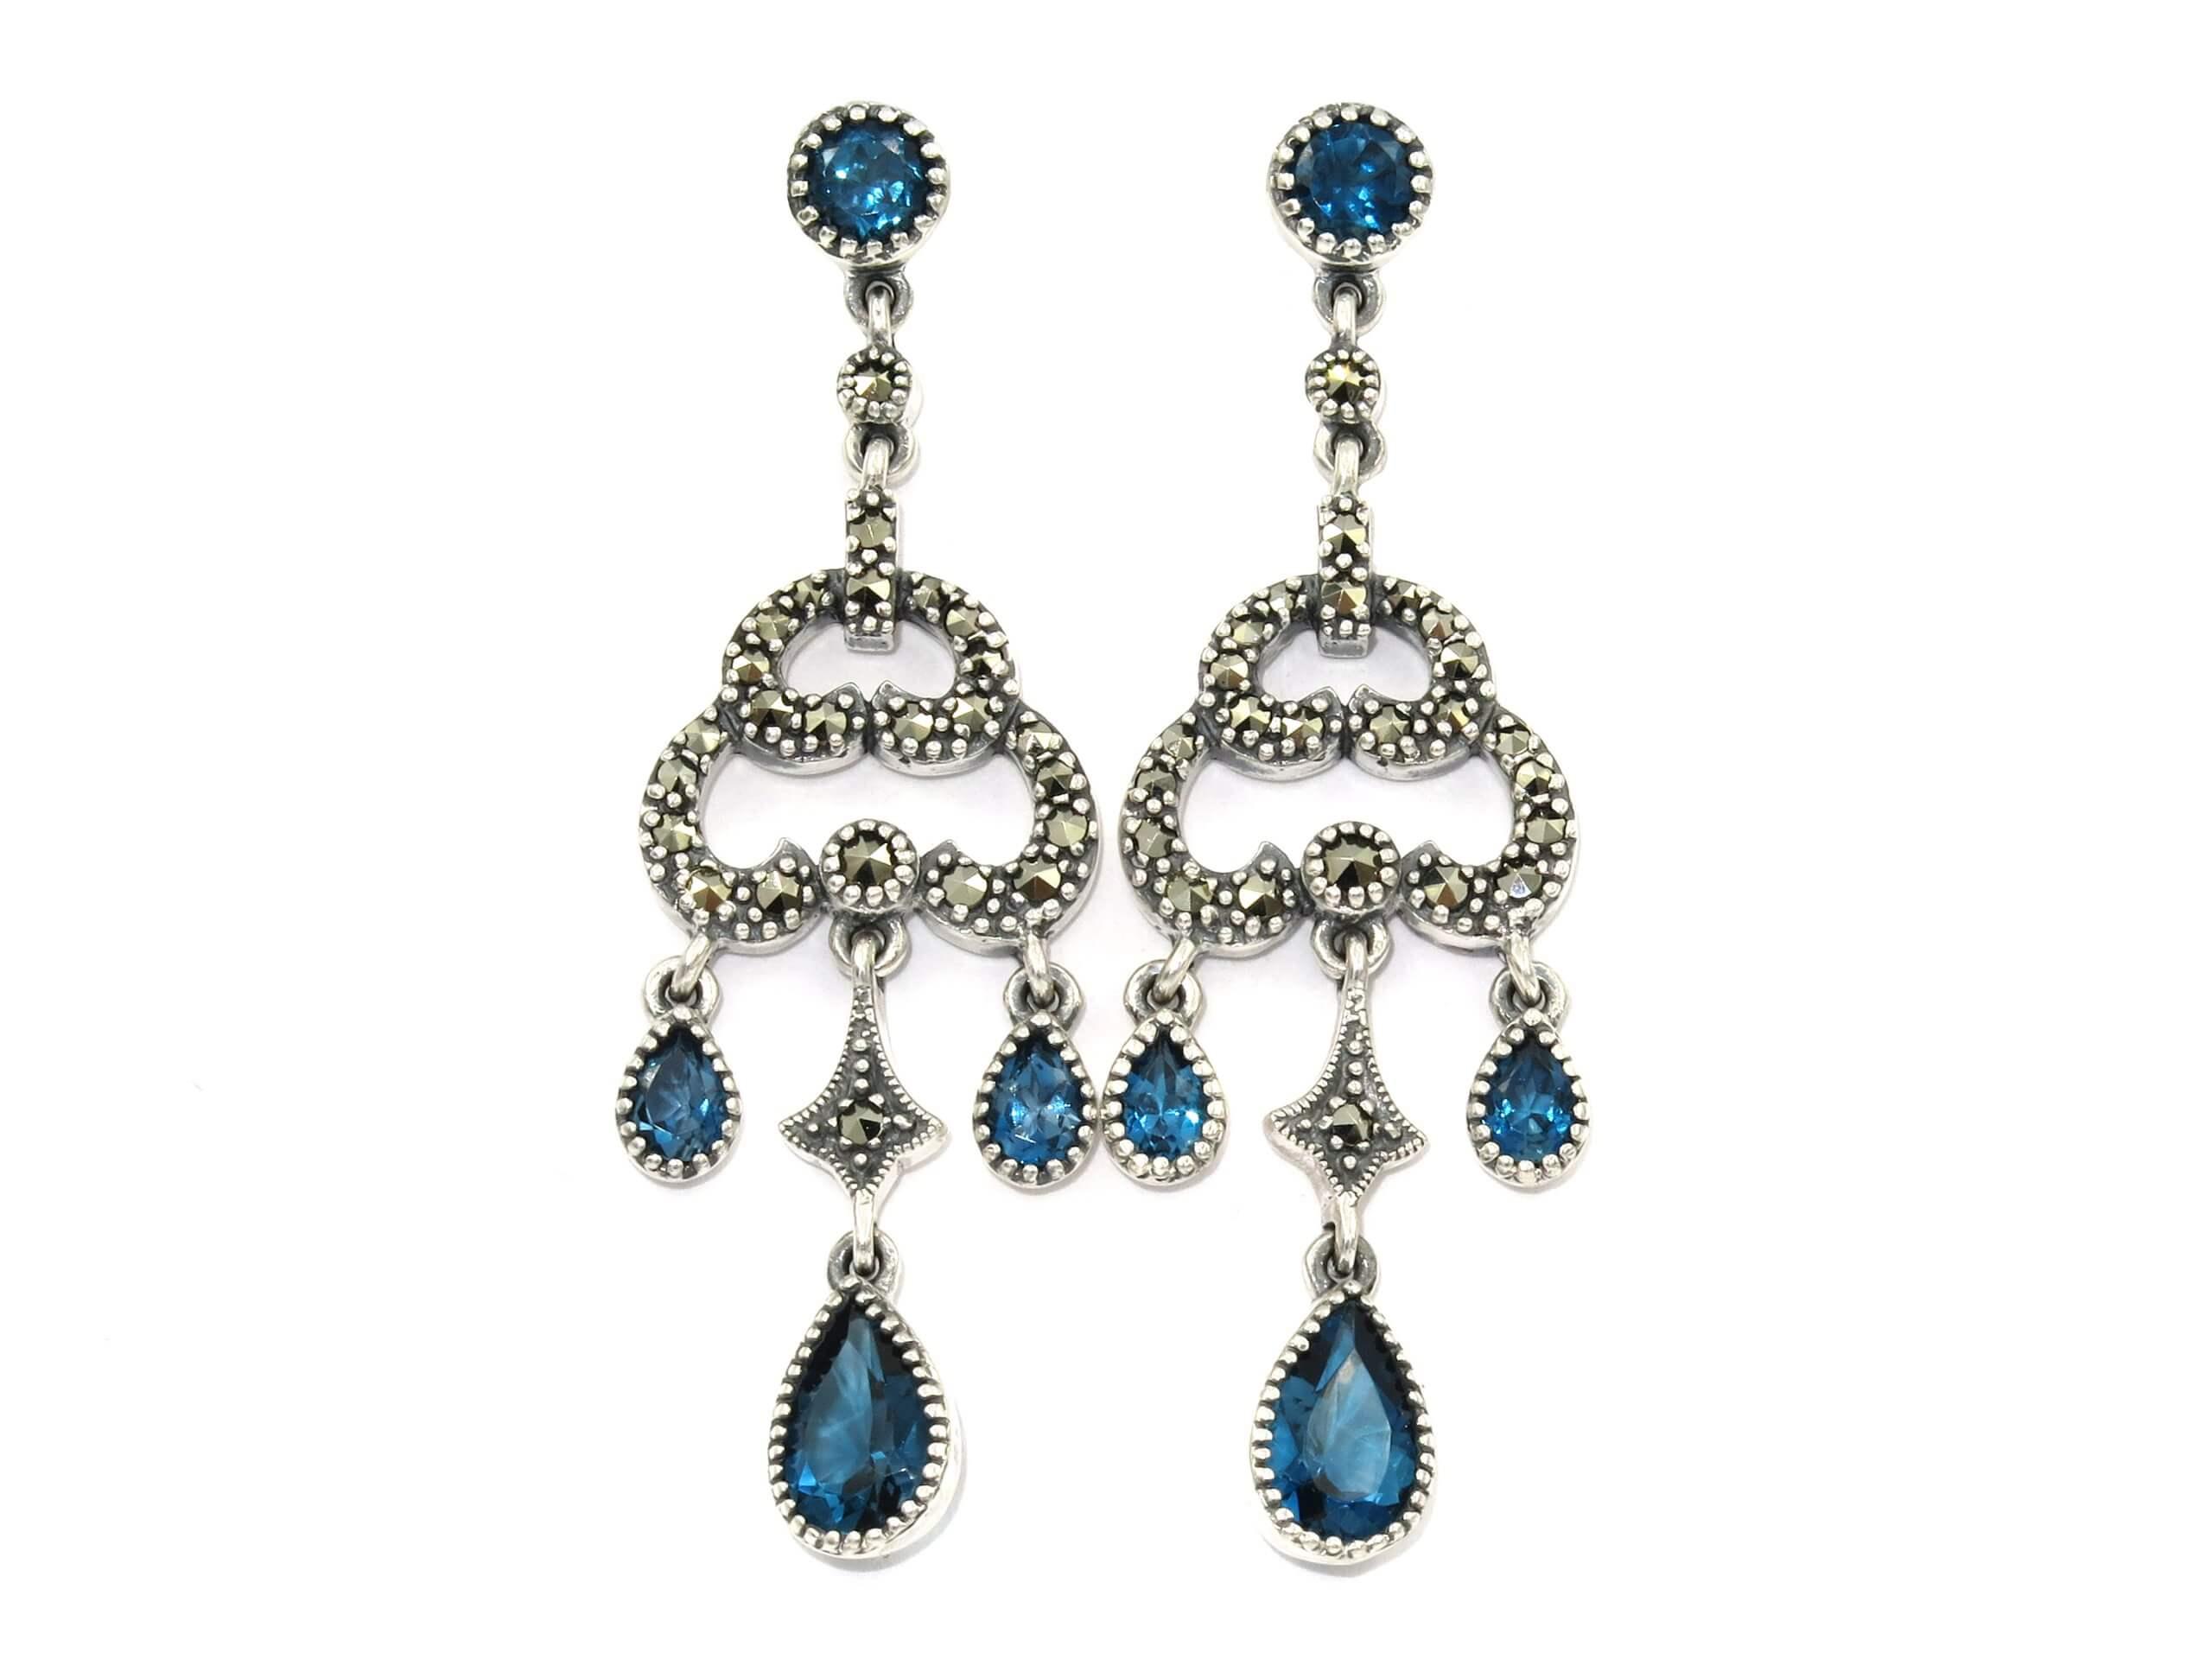 LONDON BLUE TOPAZ EARRINGS MJ24469